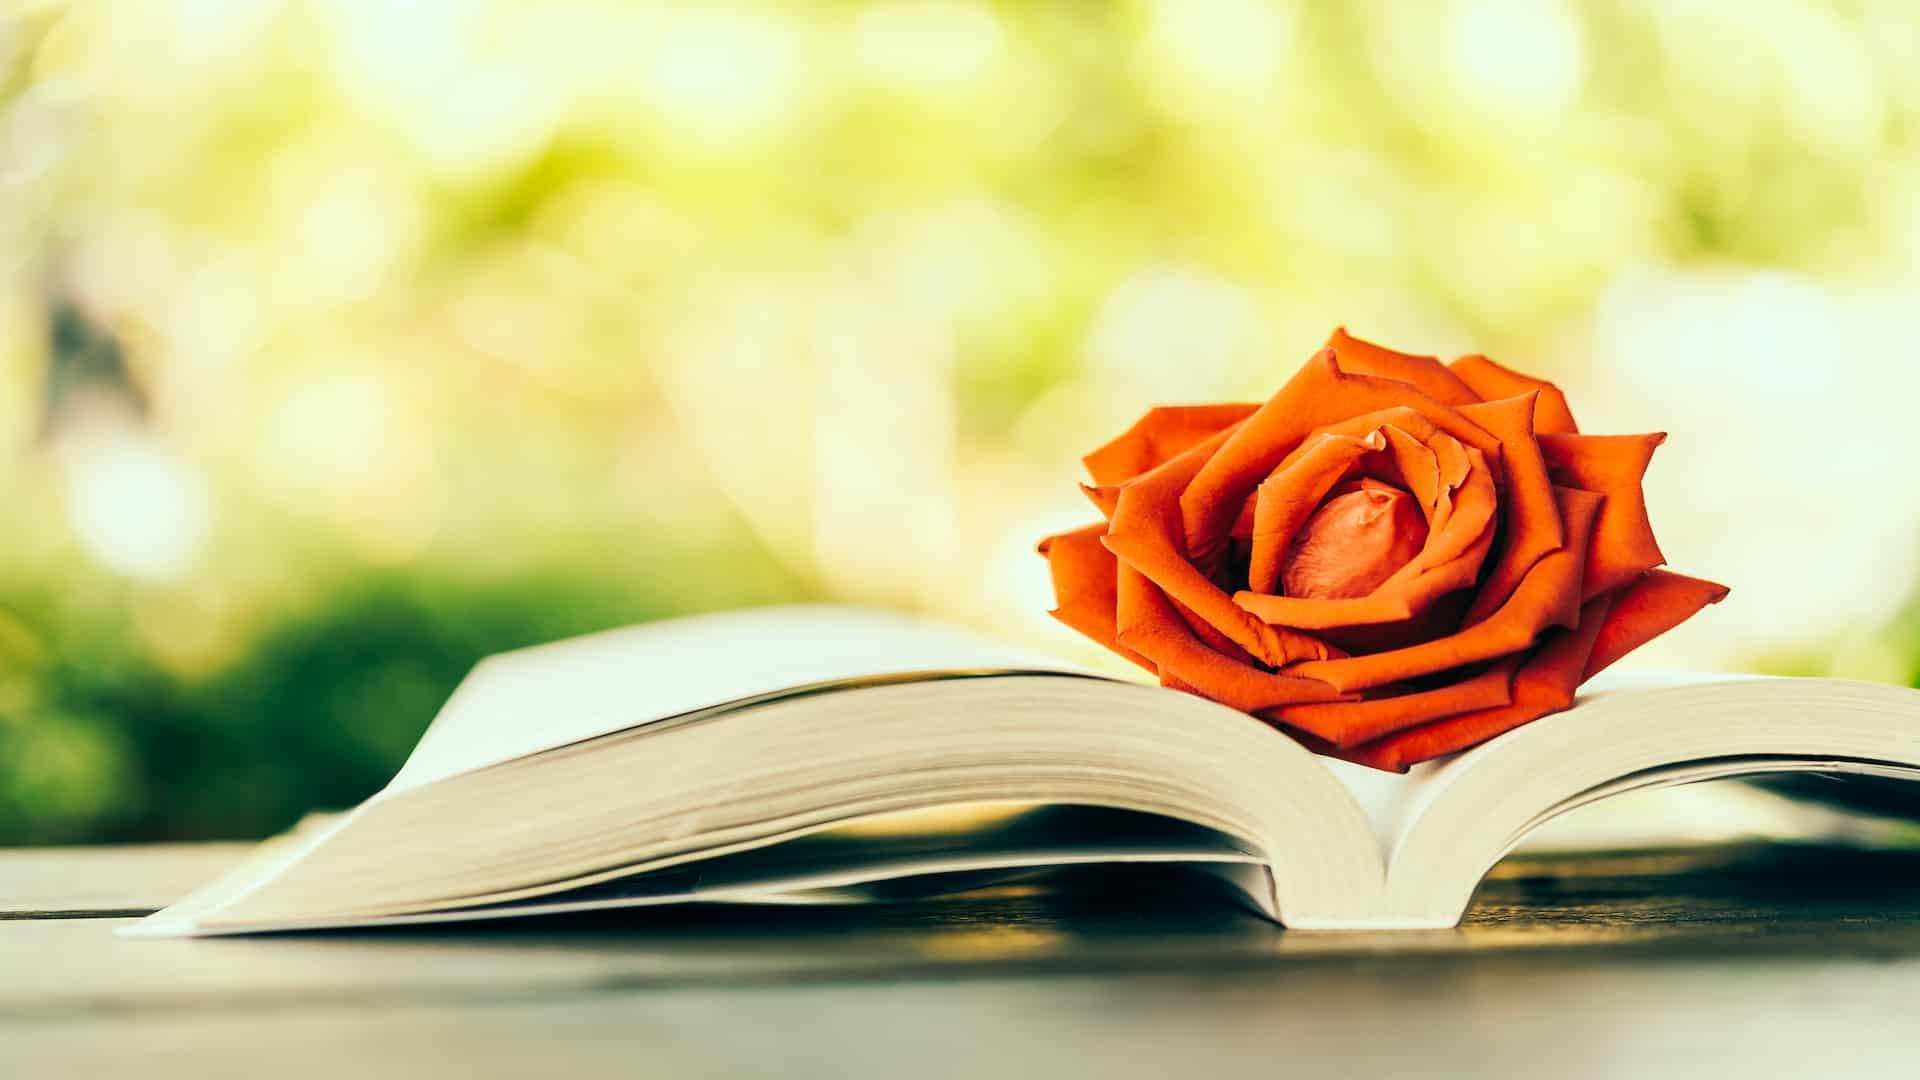 Romantisch boek: Wat zijn de beste romantische boeken van 2021?